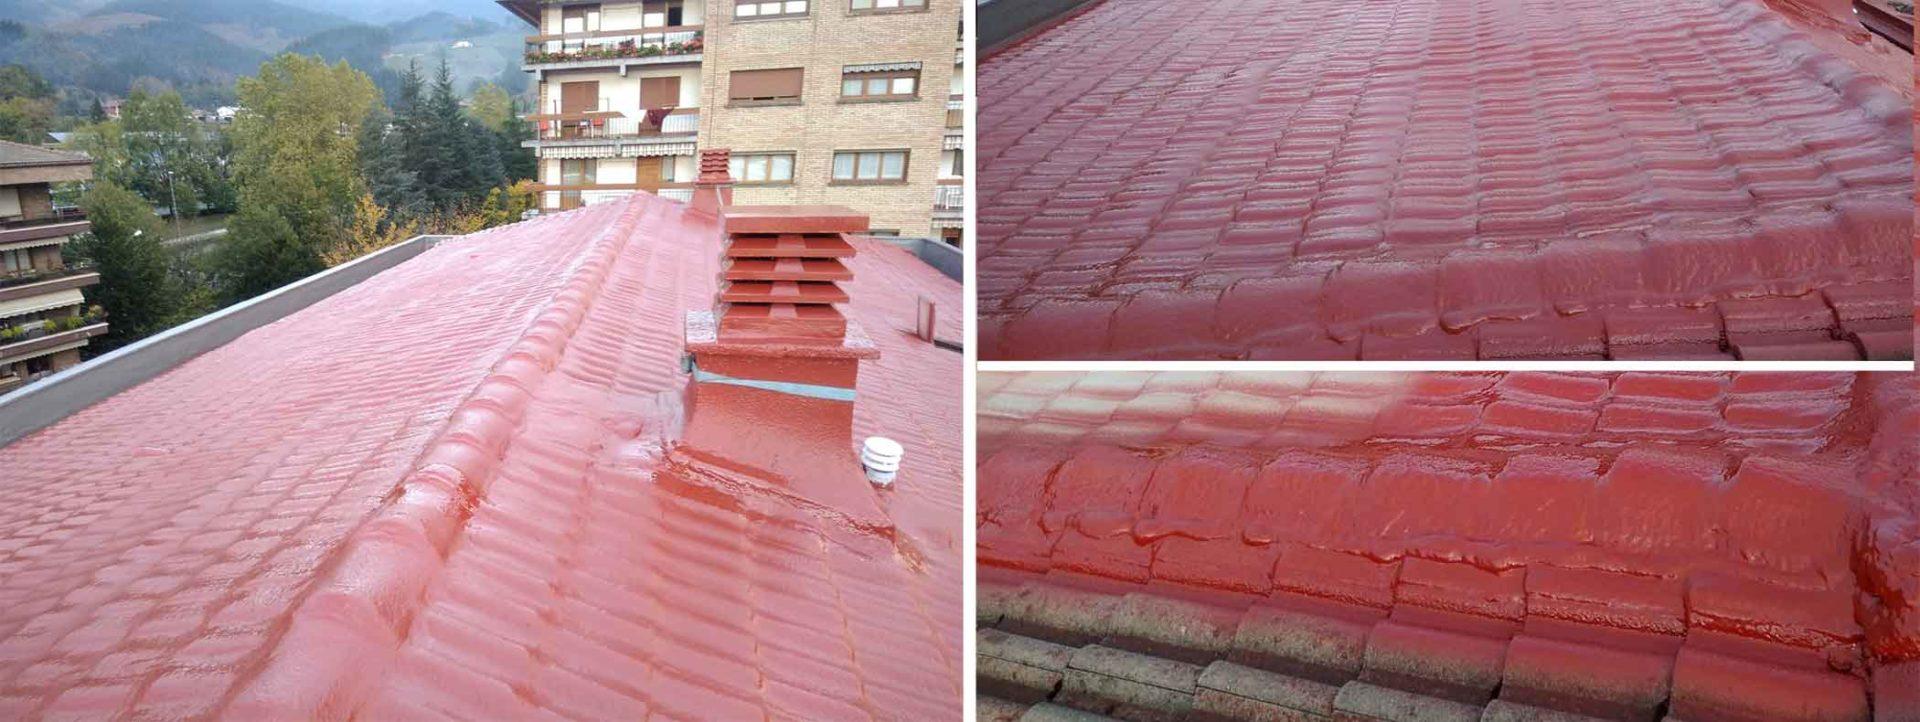 Poliurea-sobre-cubierta-teja-aislamiento-impermeabilizacion